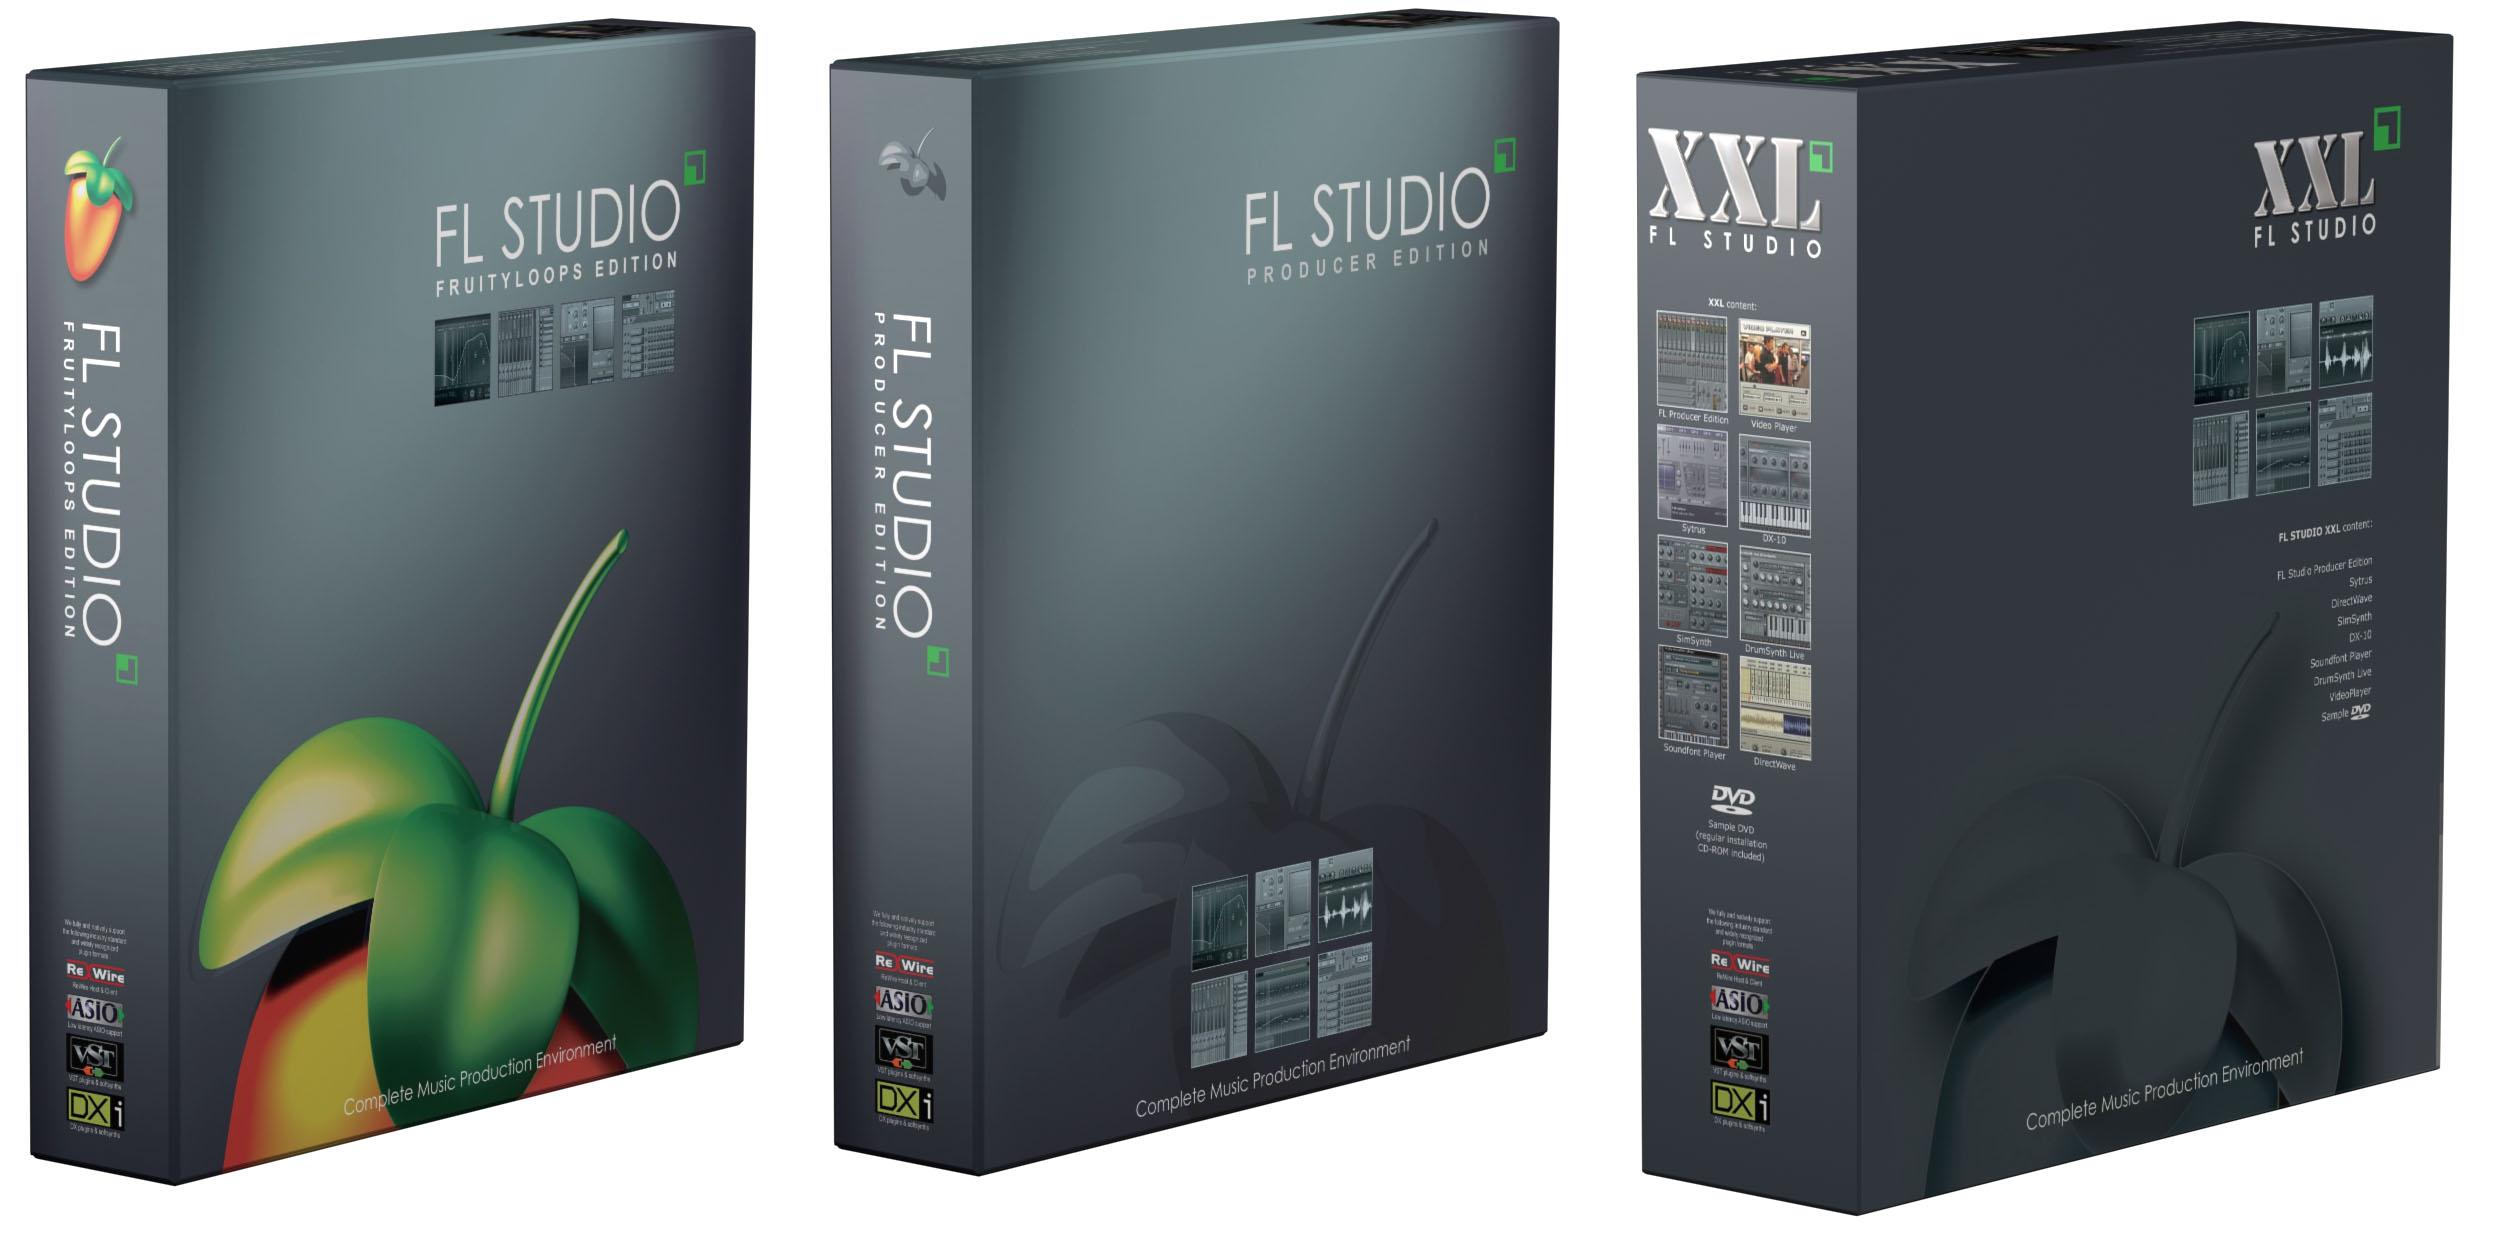 Fl studio producer edition 12. 1. 2 download crack   softwareoop.